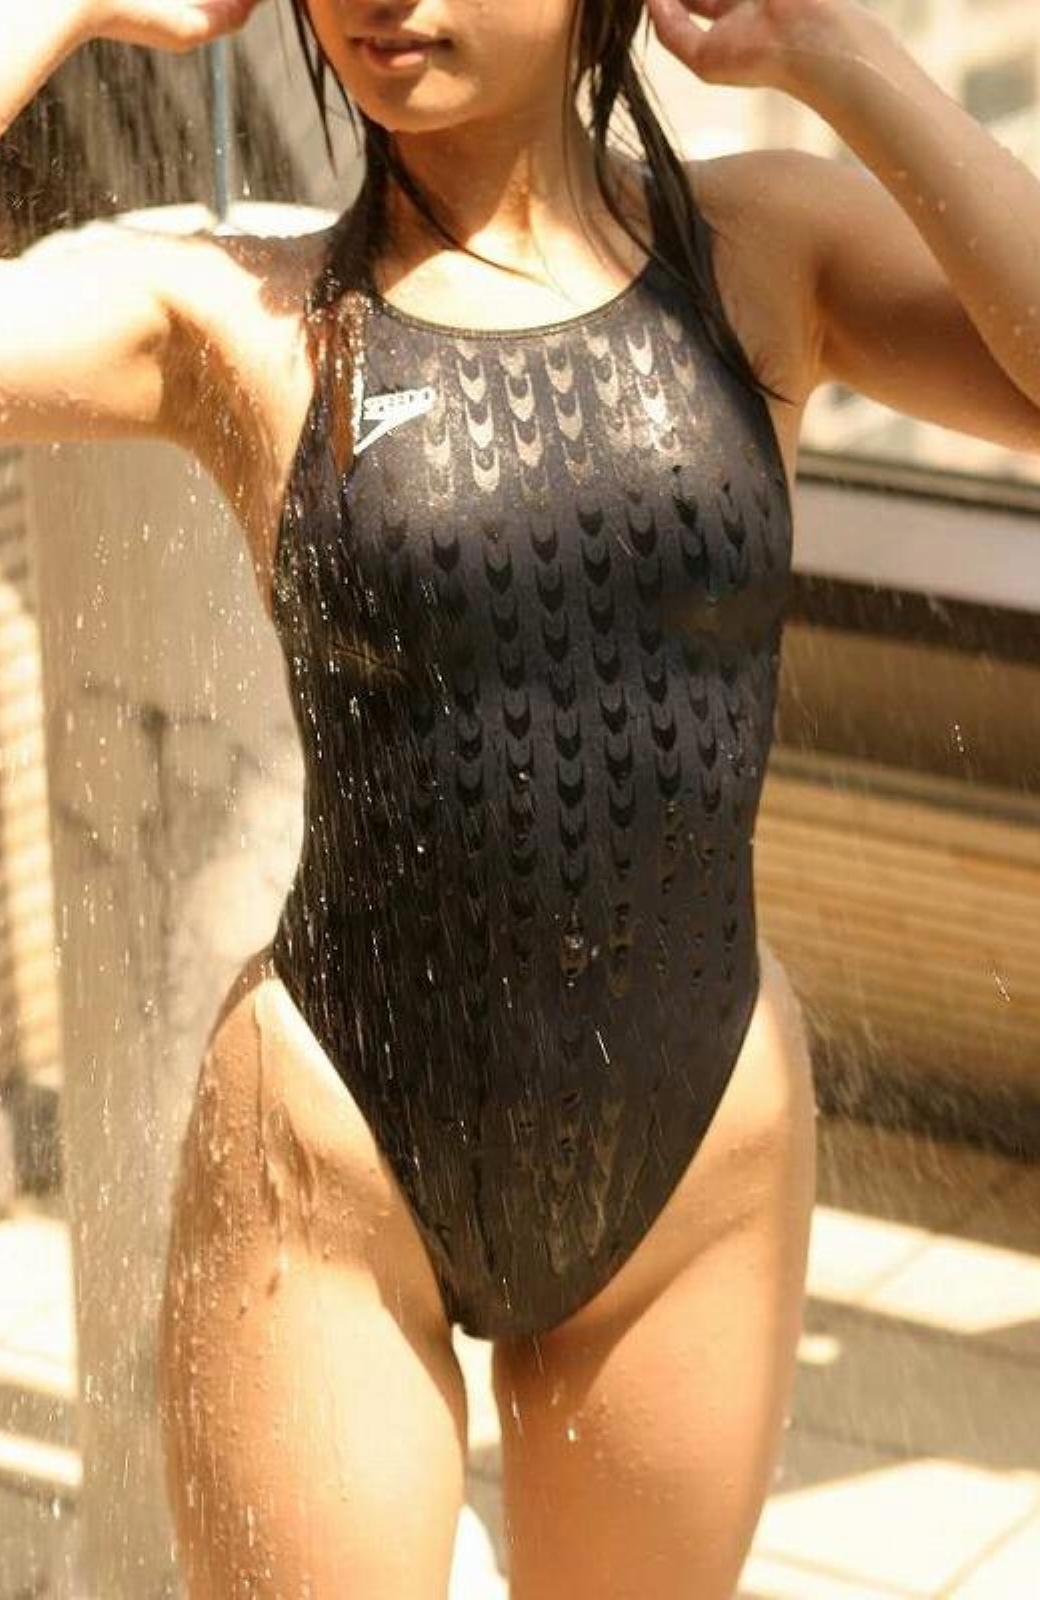 競泳水着を着た女